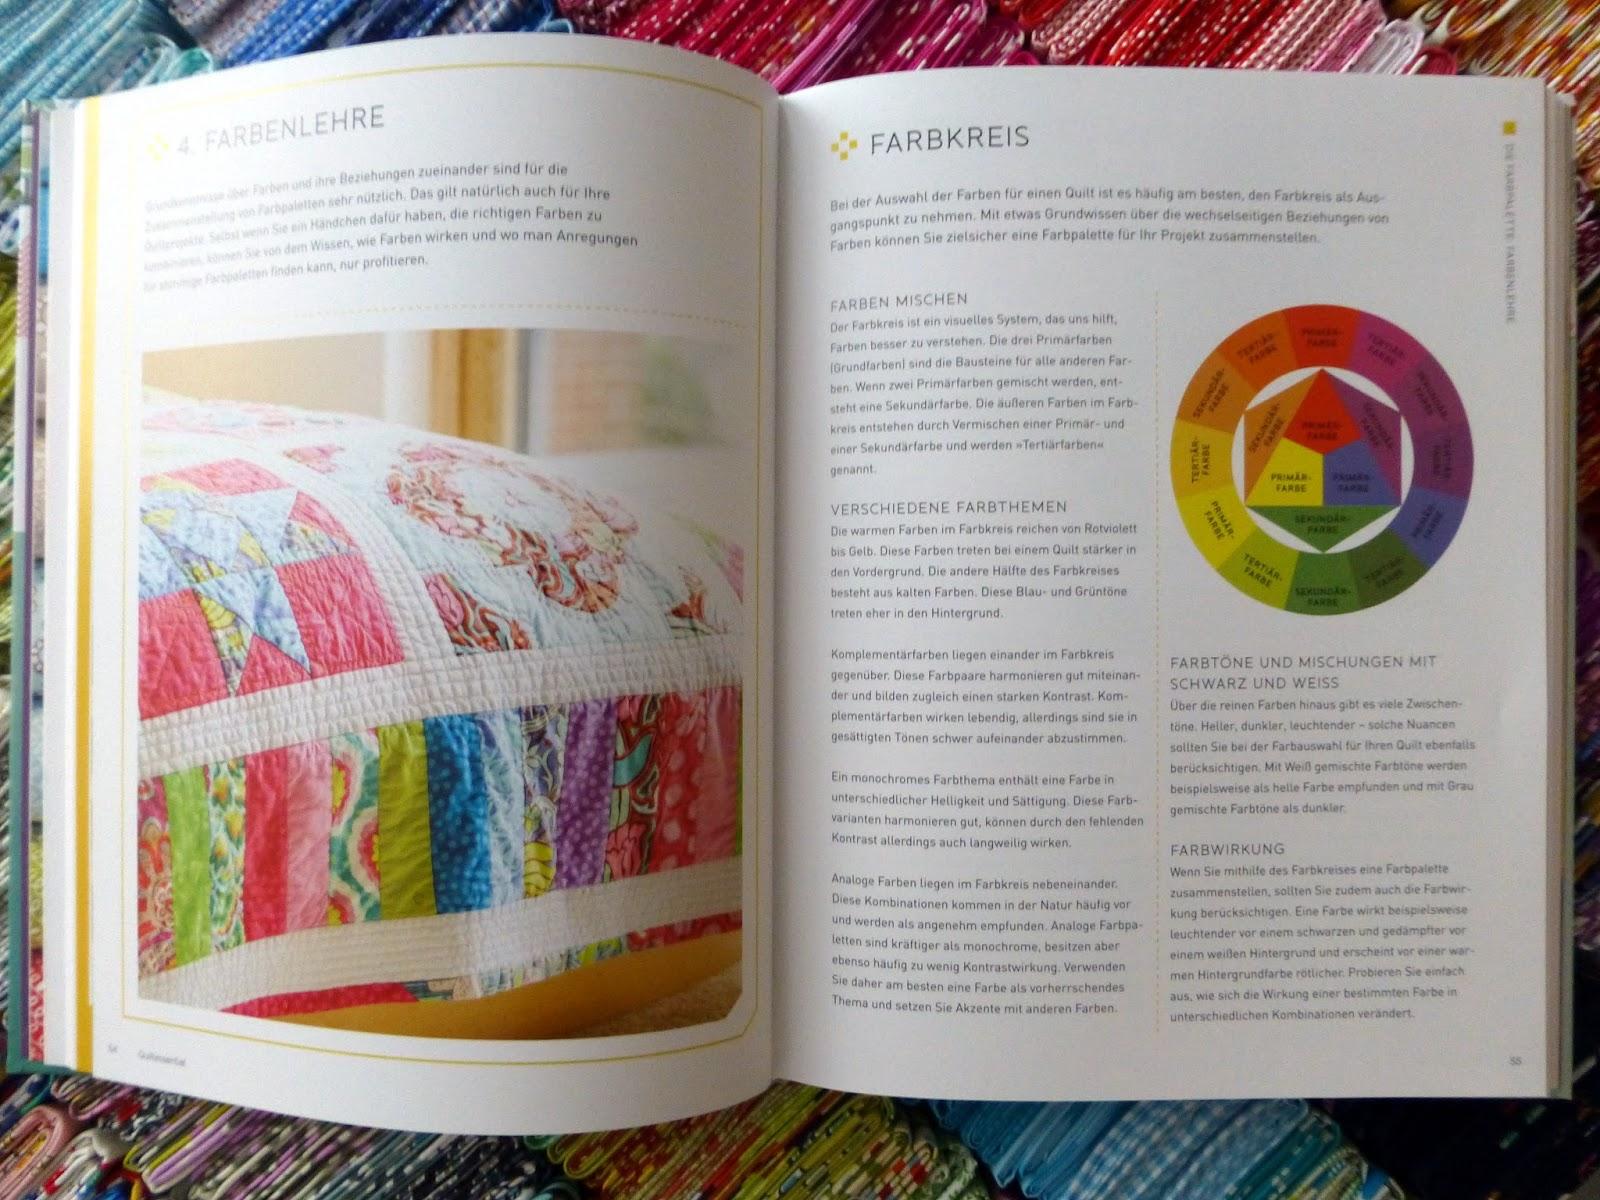 Quiltmanufaktur-Blog: QUILTESSENTIAL - Ein Buch über die Grundlagen ...